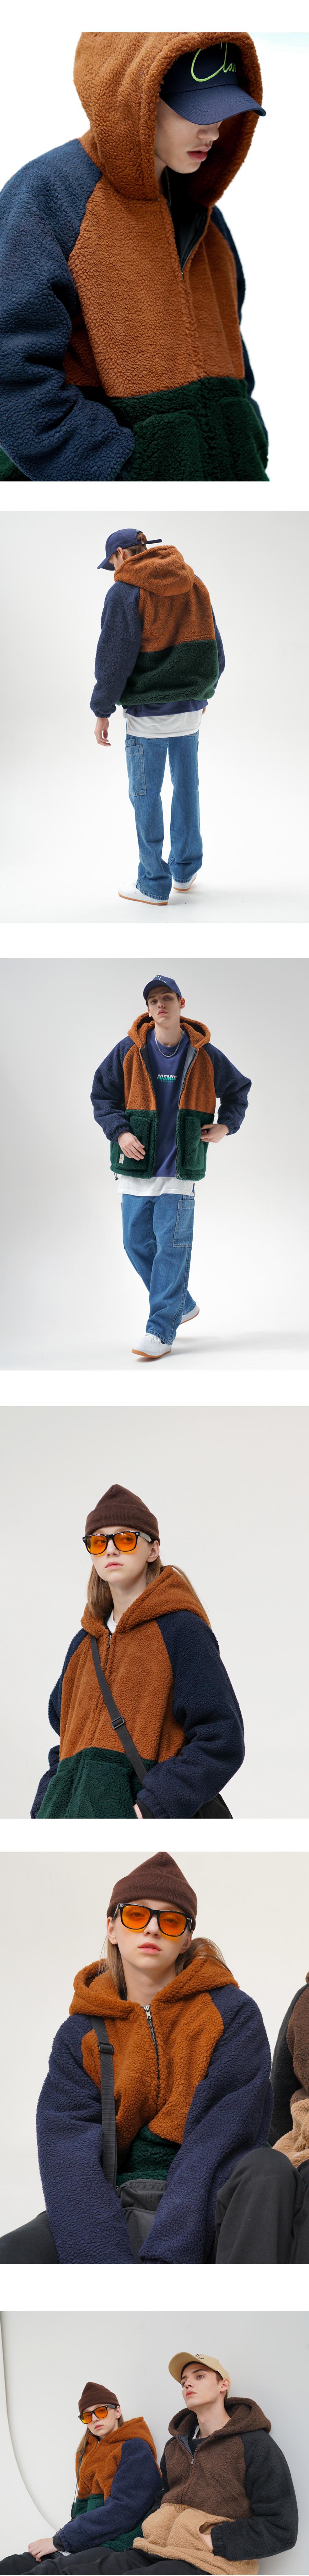 [퍼스텝][기획특가] 양털 플로우 집업후드 점퍼 3종 SMOT4283